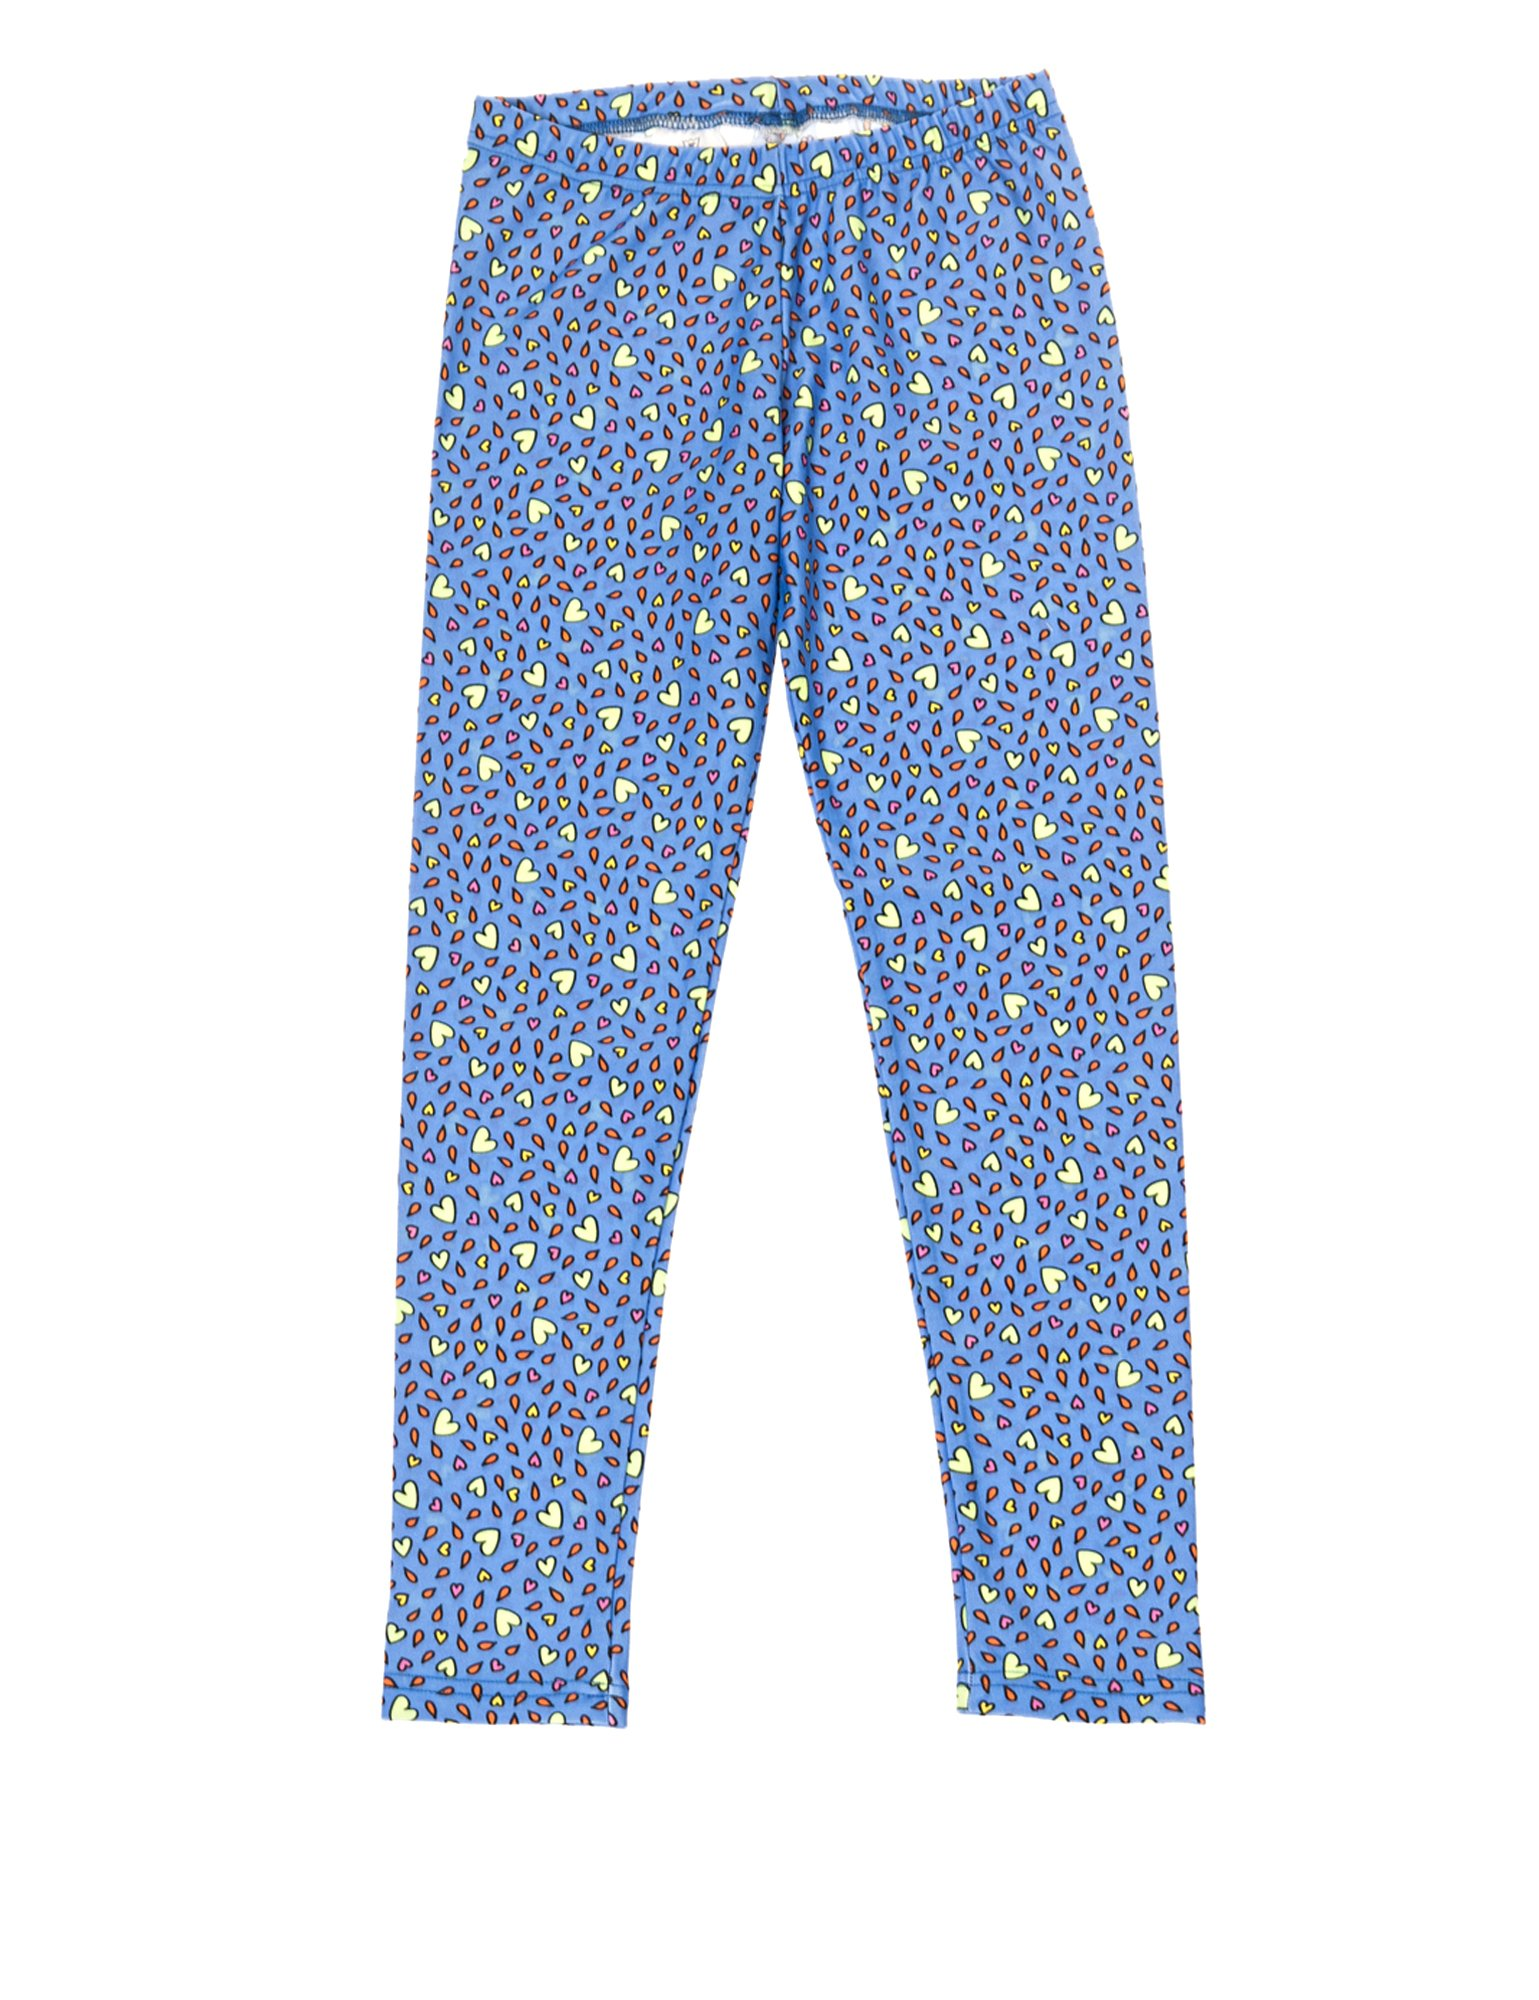 Pcp Genesis Kiddo Hearts Blue Leggings in Size 4-6 Blue by PCP (Image #1)